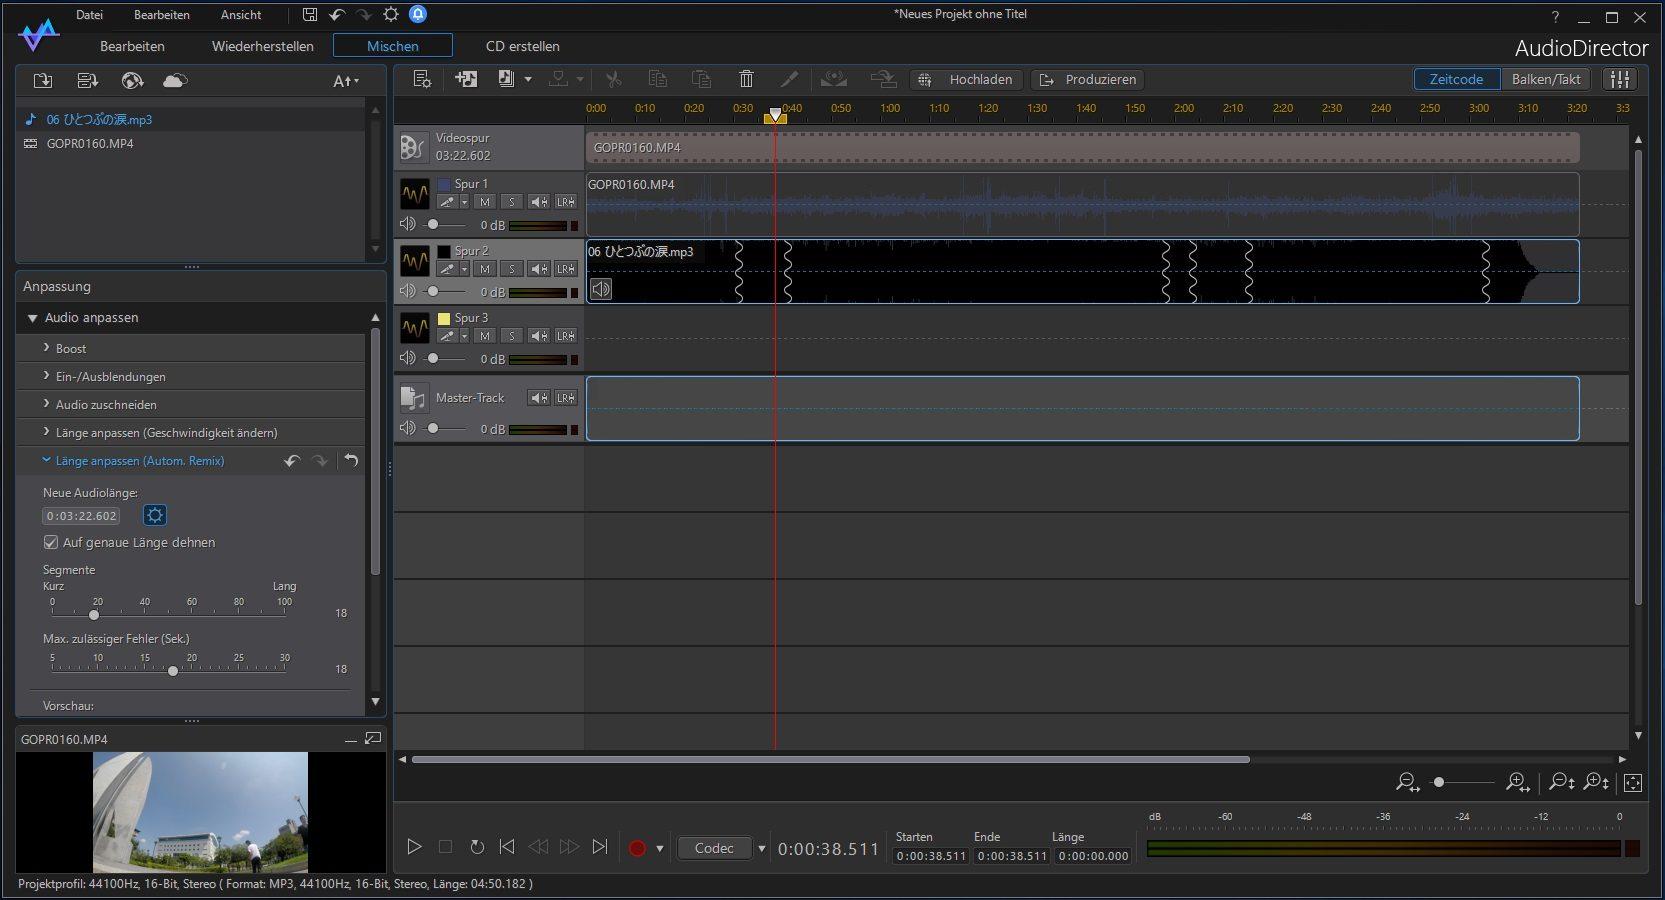 CyberLink Director Suite 6 AudioDirector Screenshot Review